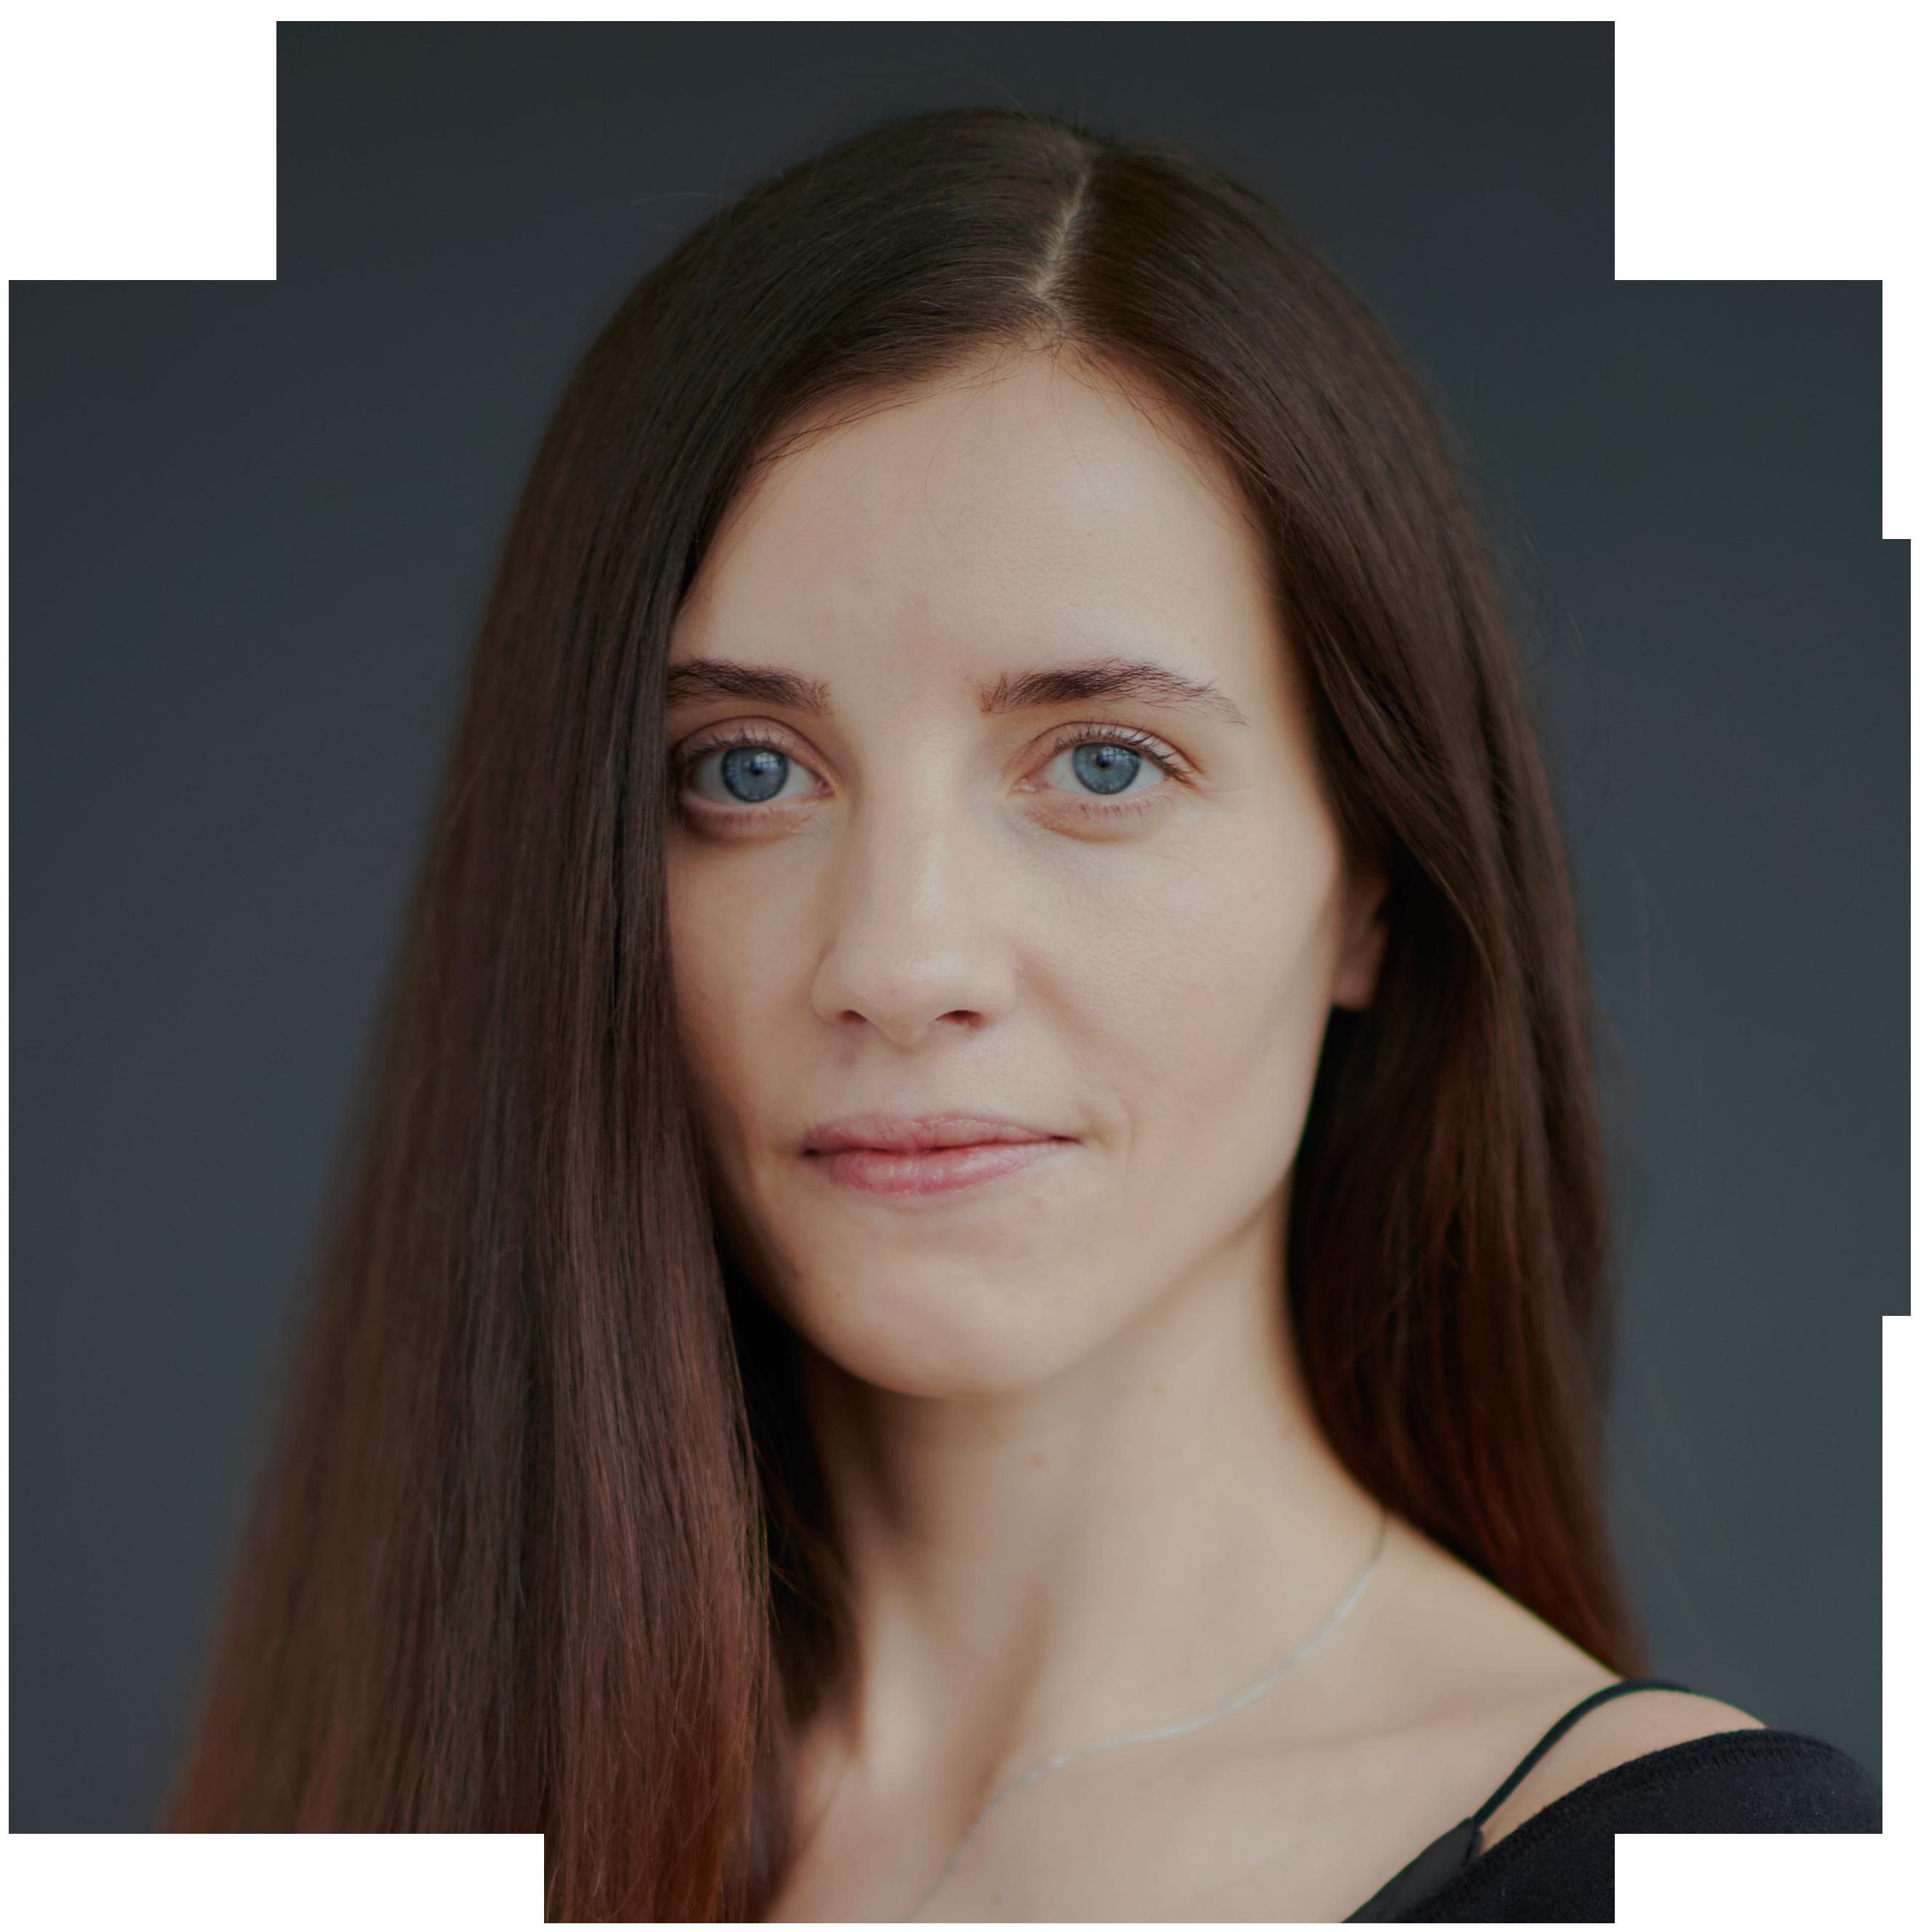 Соня Викулова, маркетолог Email Soldiers